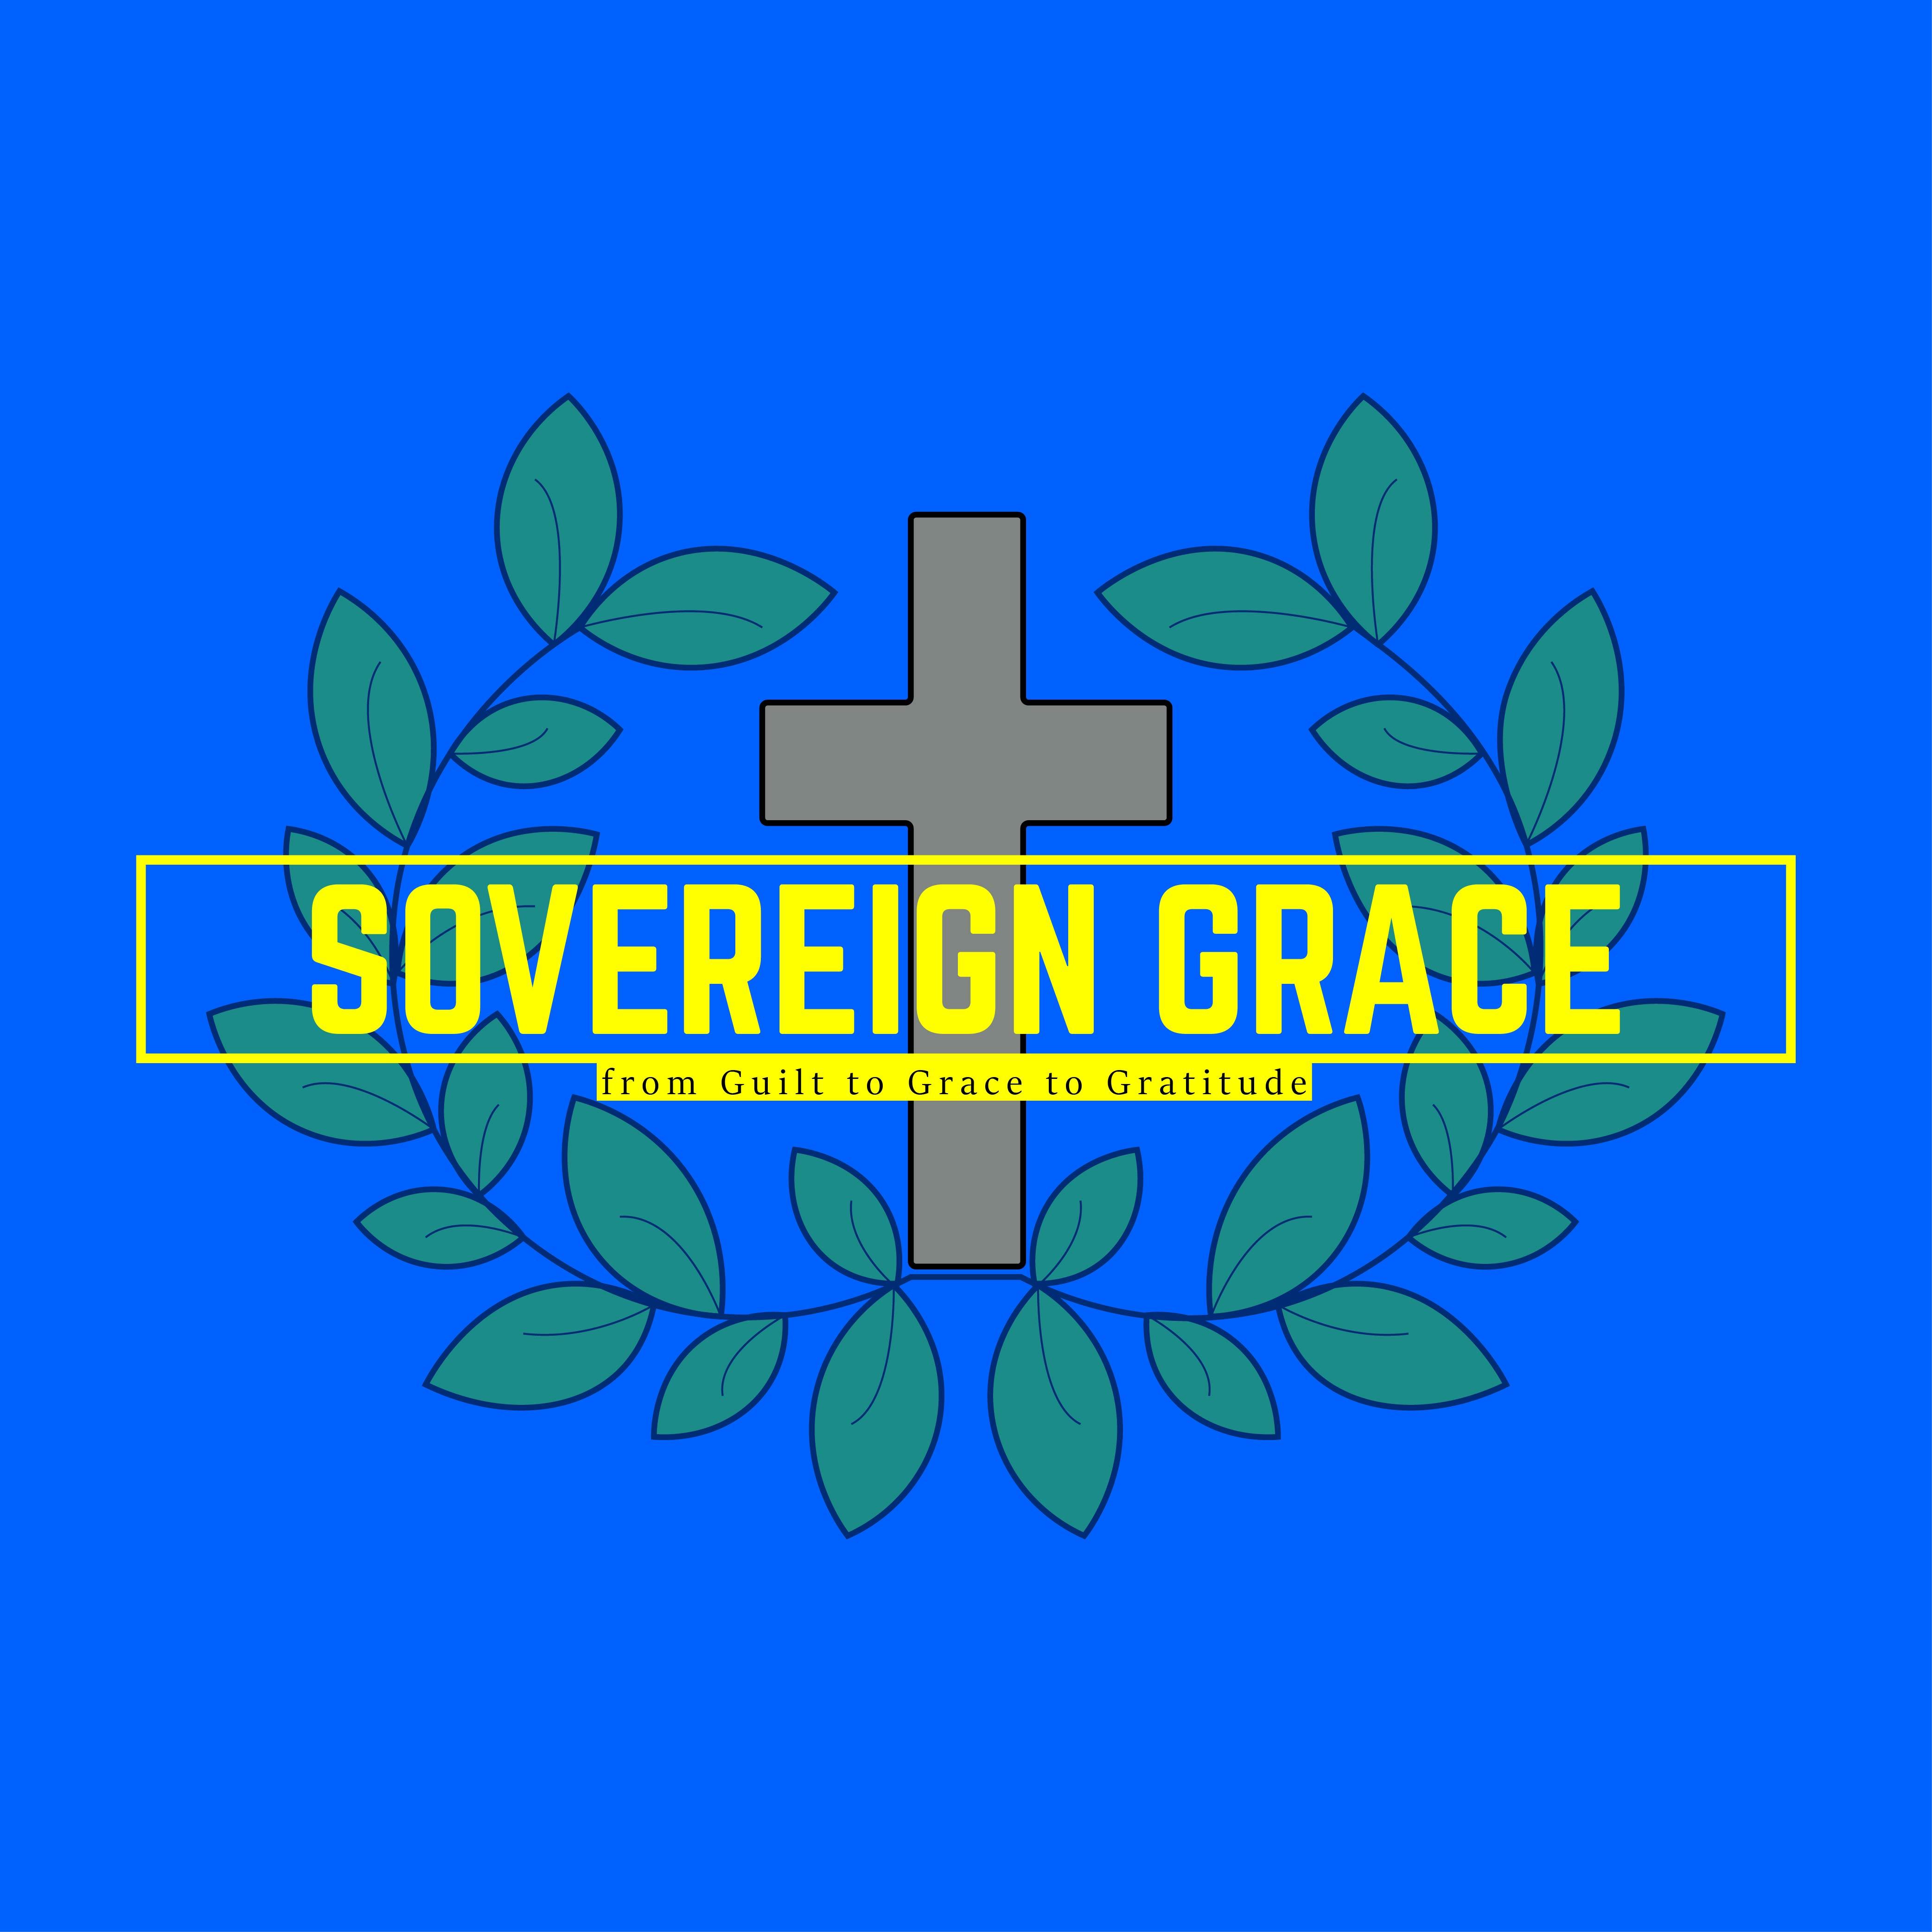 sovereign grace church in ogden utah